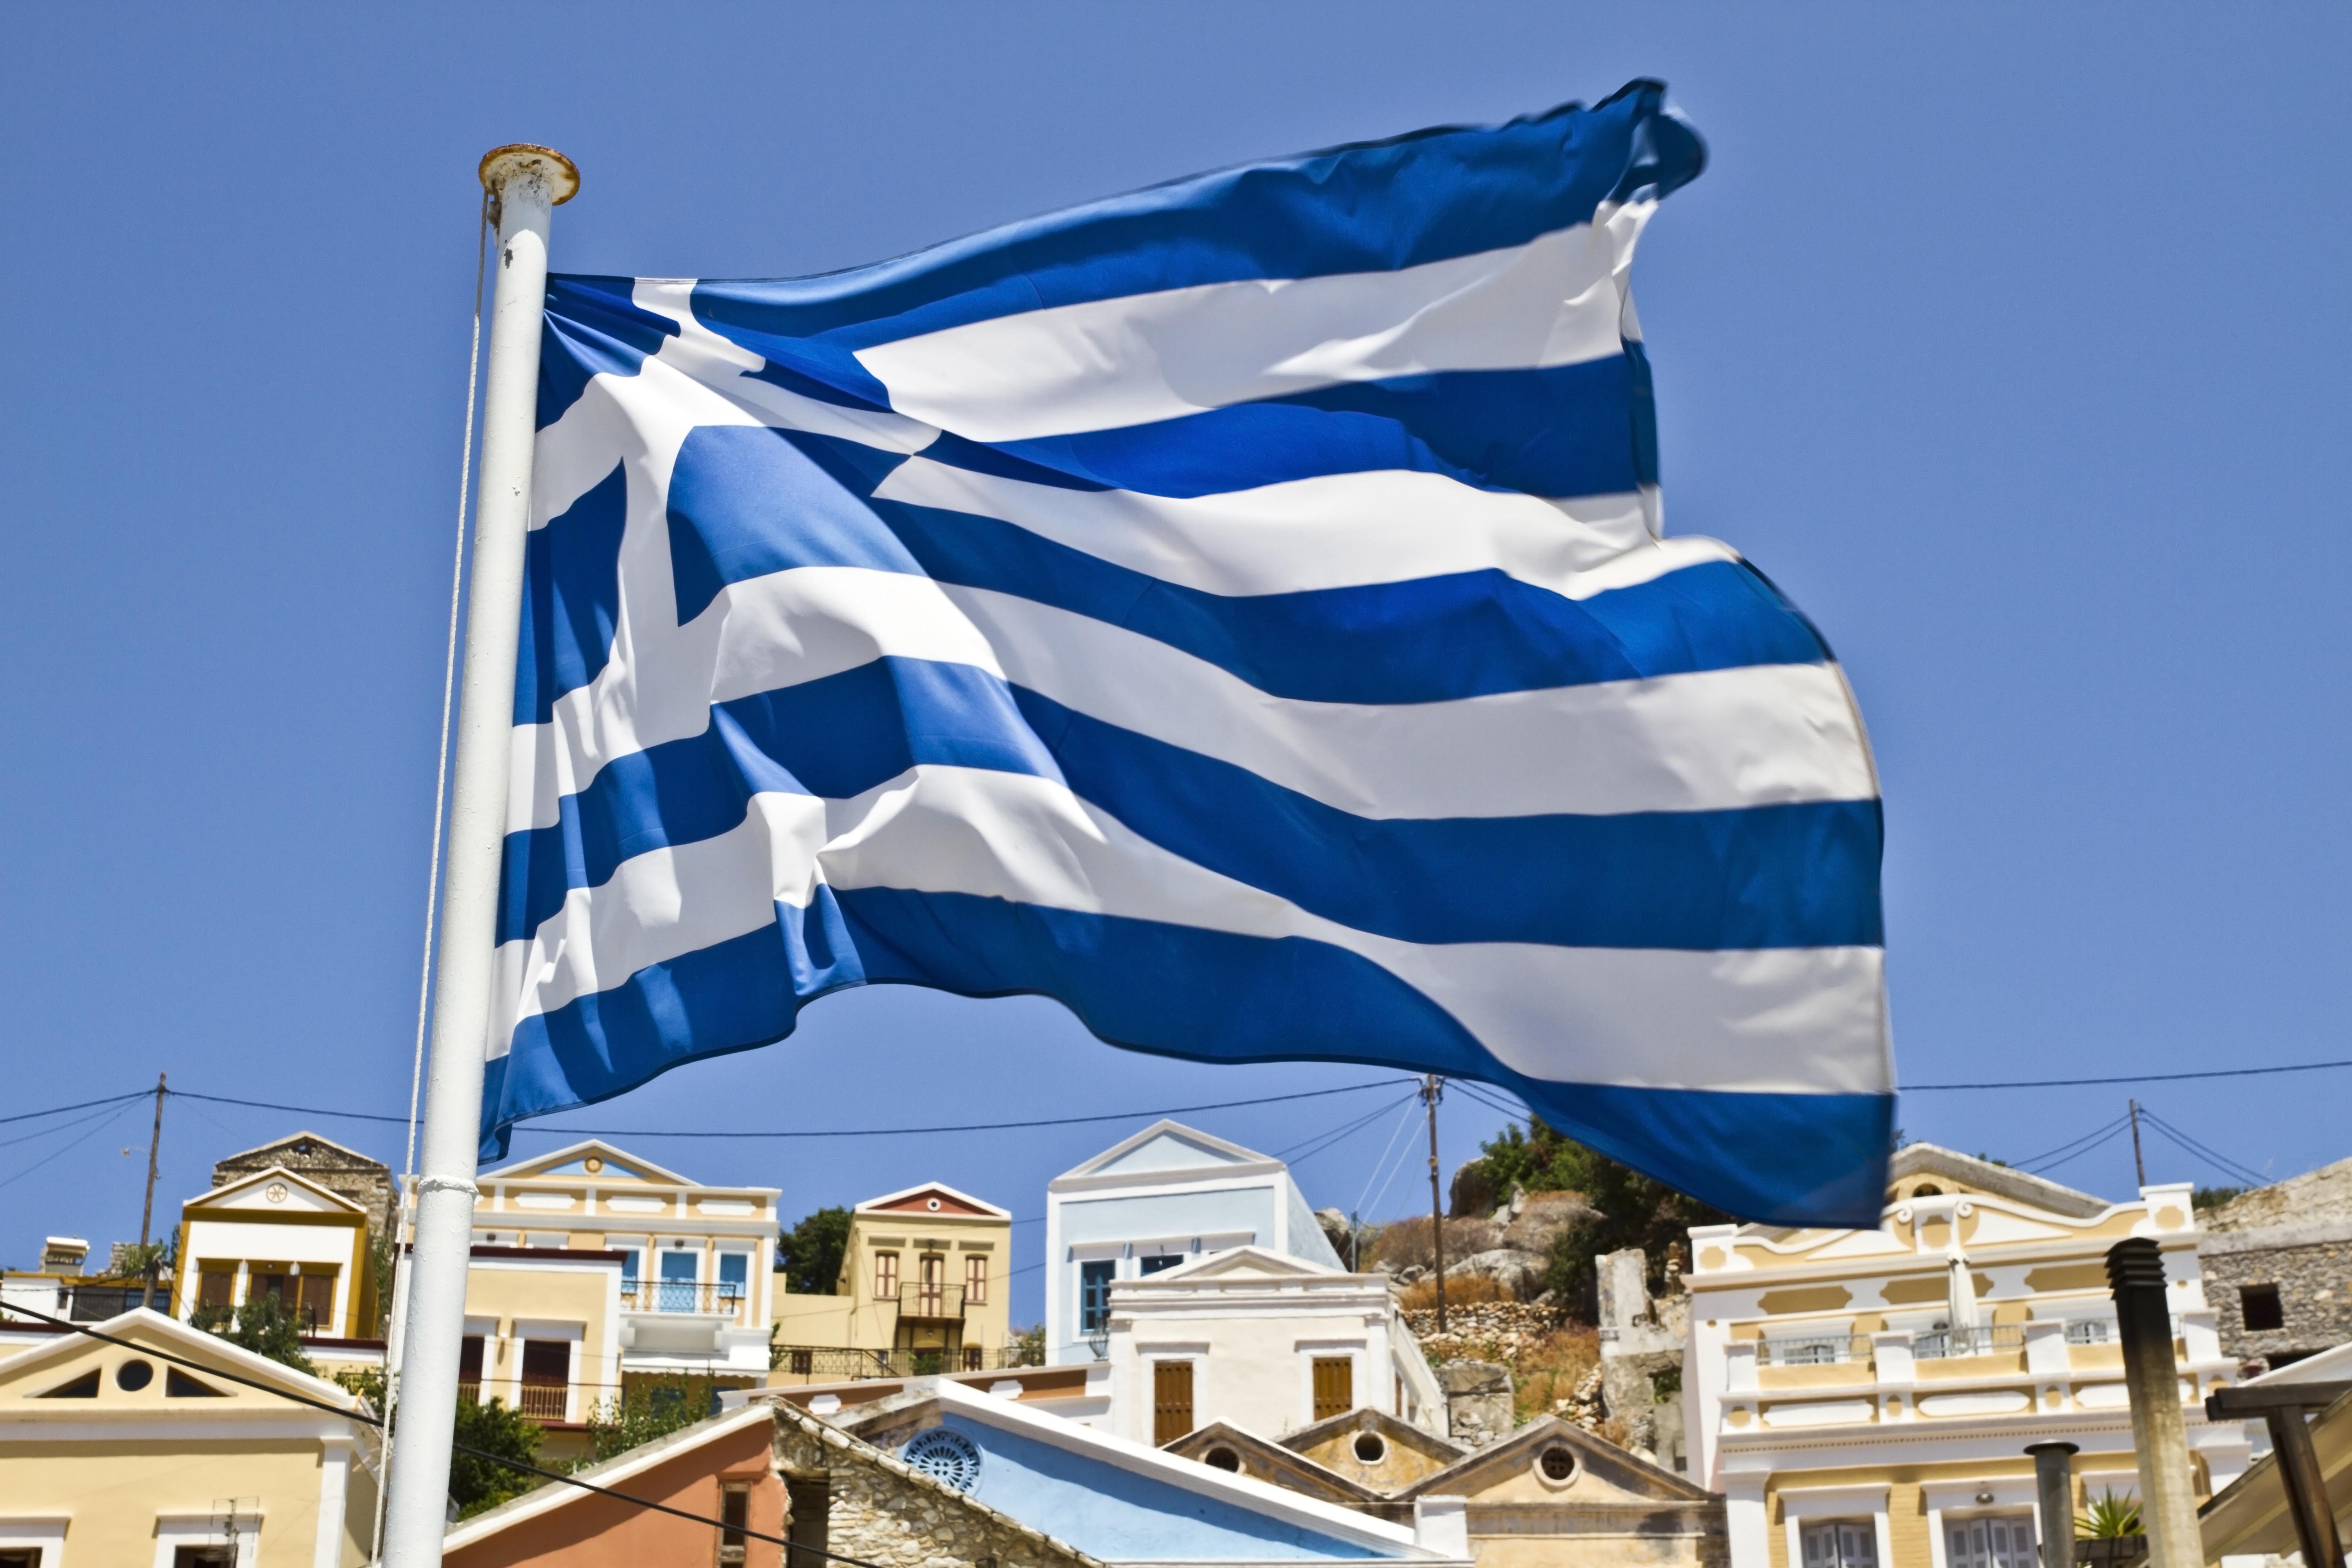 Анкара и Афины договорились помочь друг другу после землетрясения